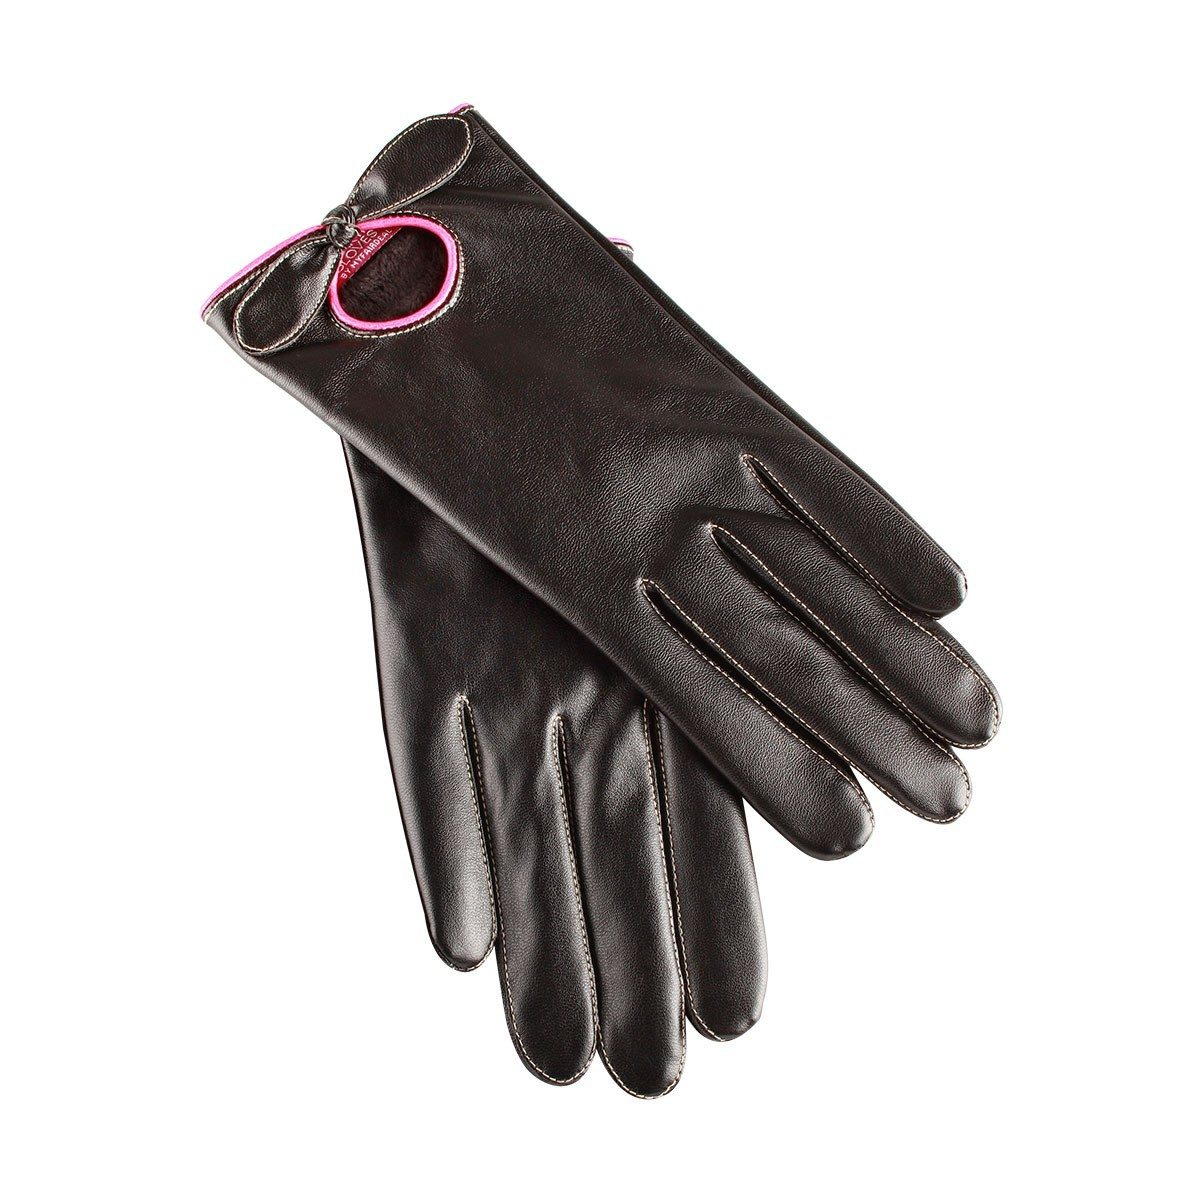 Smartphone leren handschoenen voor vrouwen